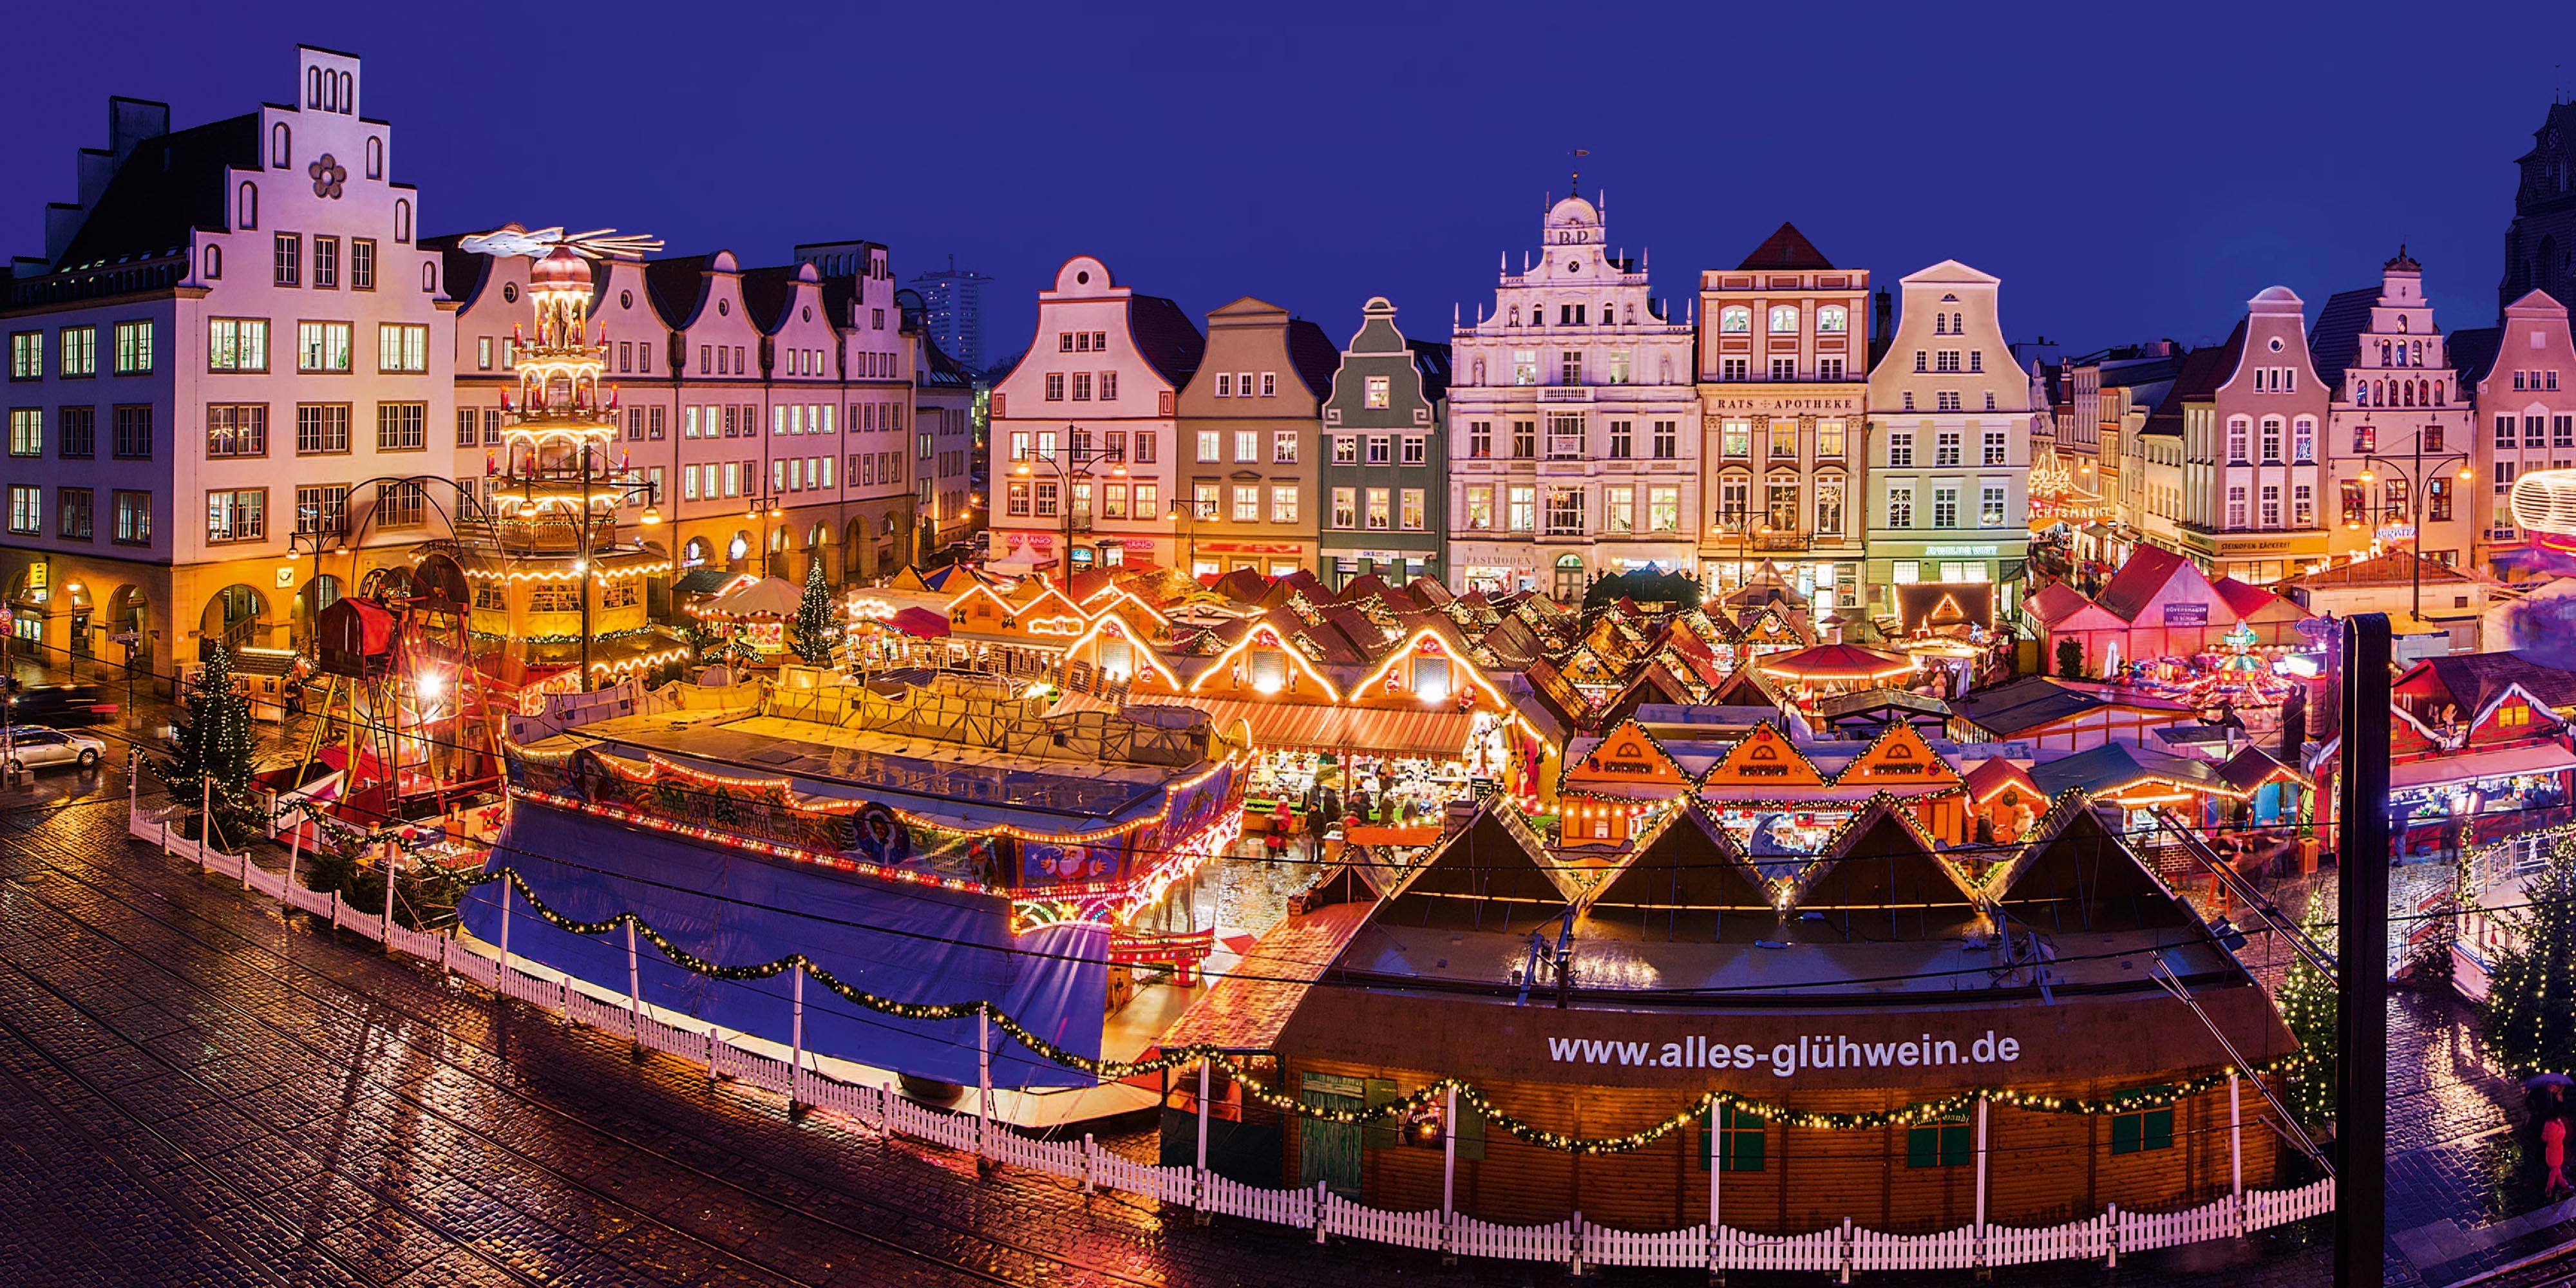 Weihnachtsmarkt In Rostock.Historischer Weihnachtsmarkt Rostock